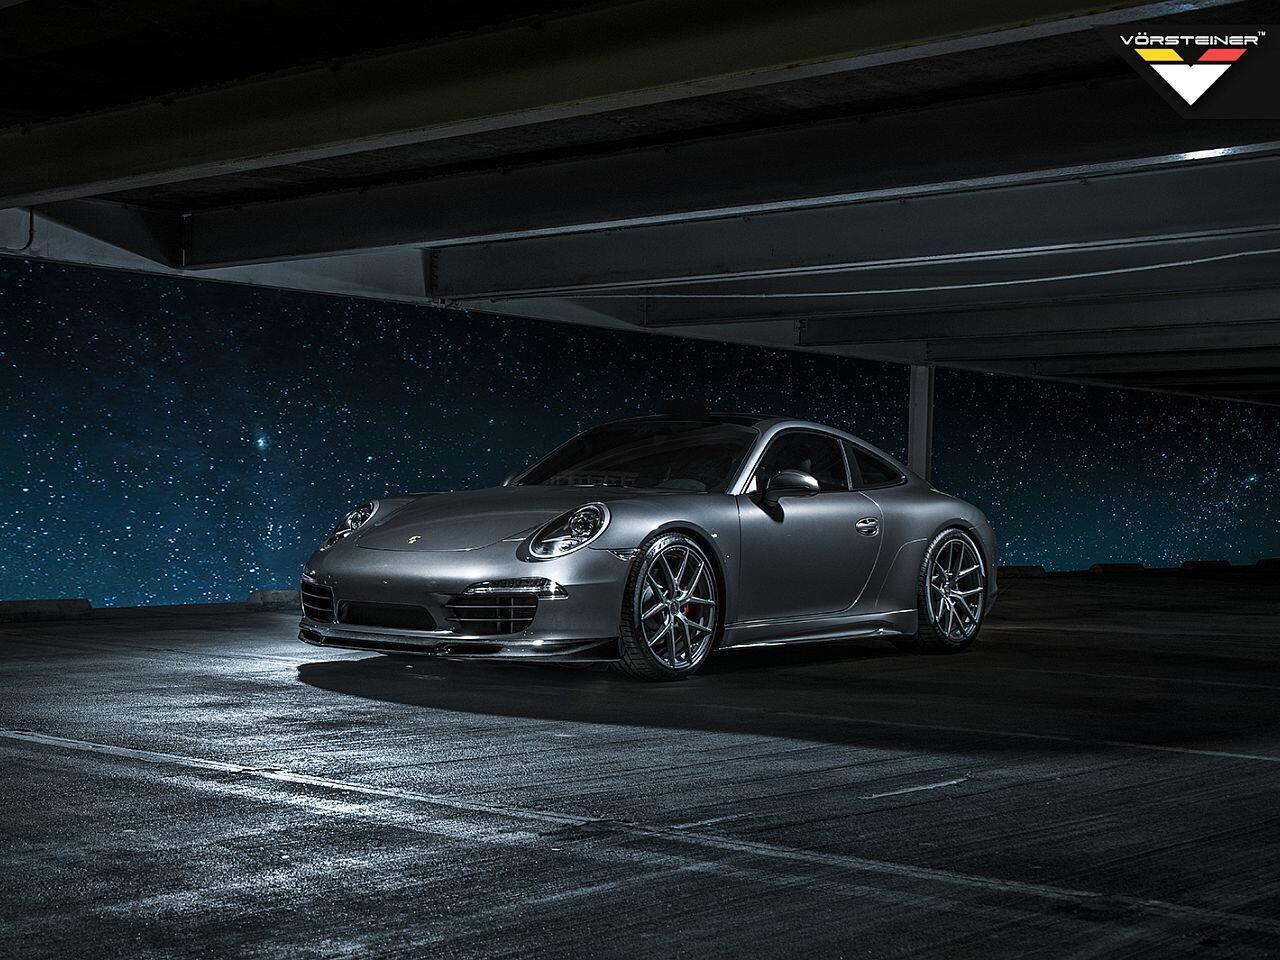 Bild zu Ein aufgehübschter Porsche ist das jüngste Werk der Designschmiede Vorsteiner